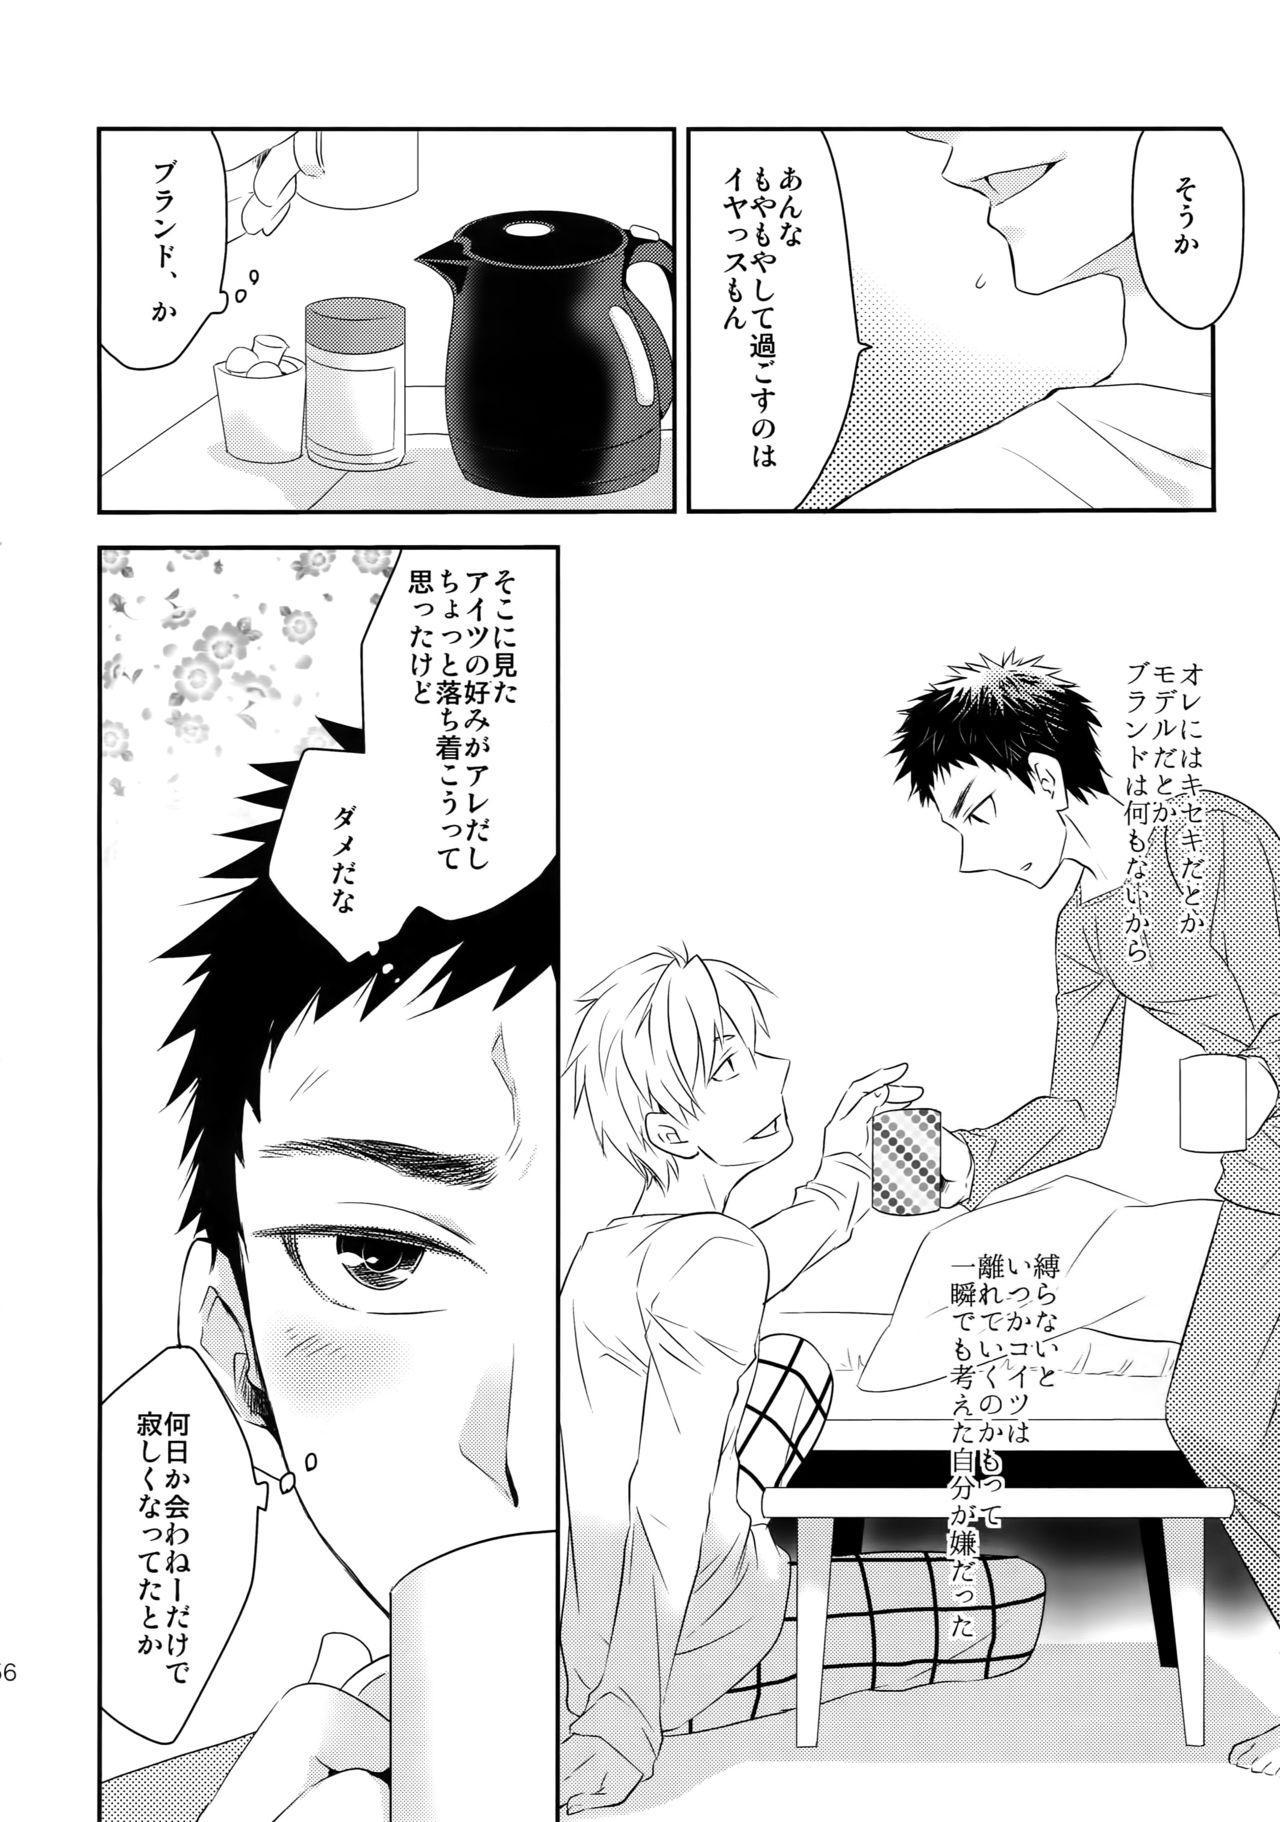 Kanpeki Kareshi to Zettai Ryouiki Ouji-sama 54